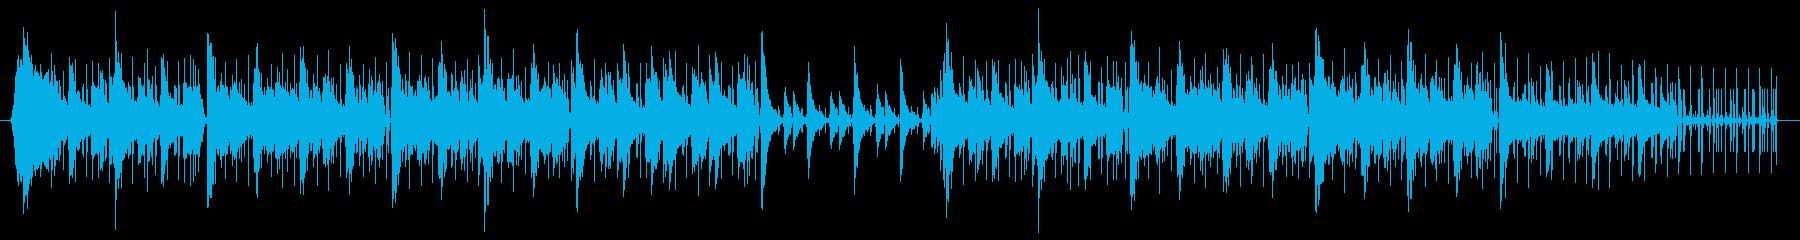 やる気を起こさせるヒップホップ音楽の再生済みの波形